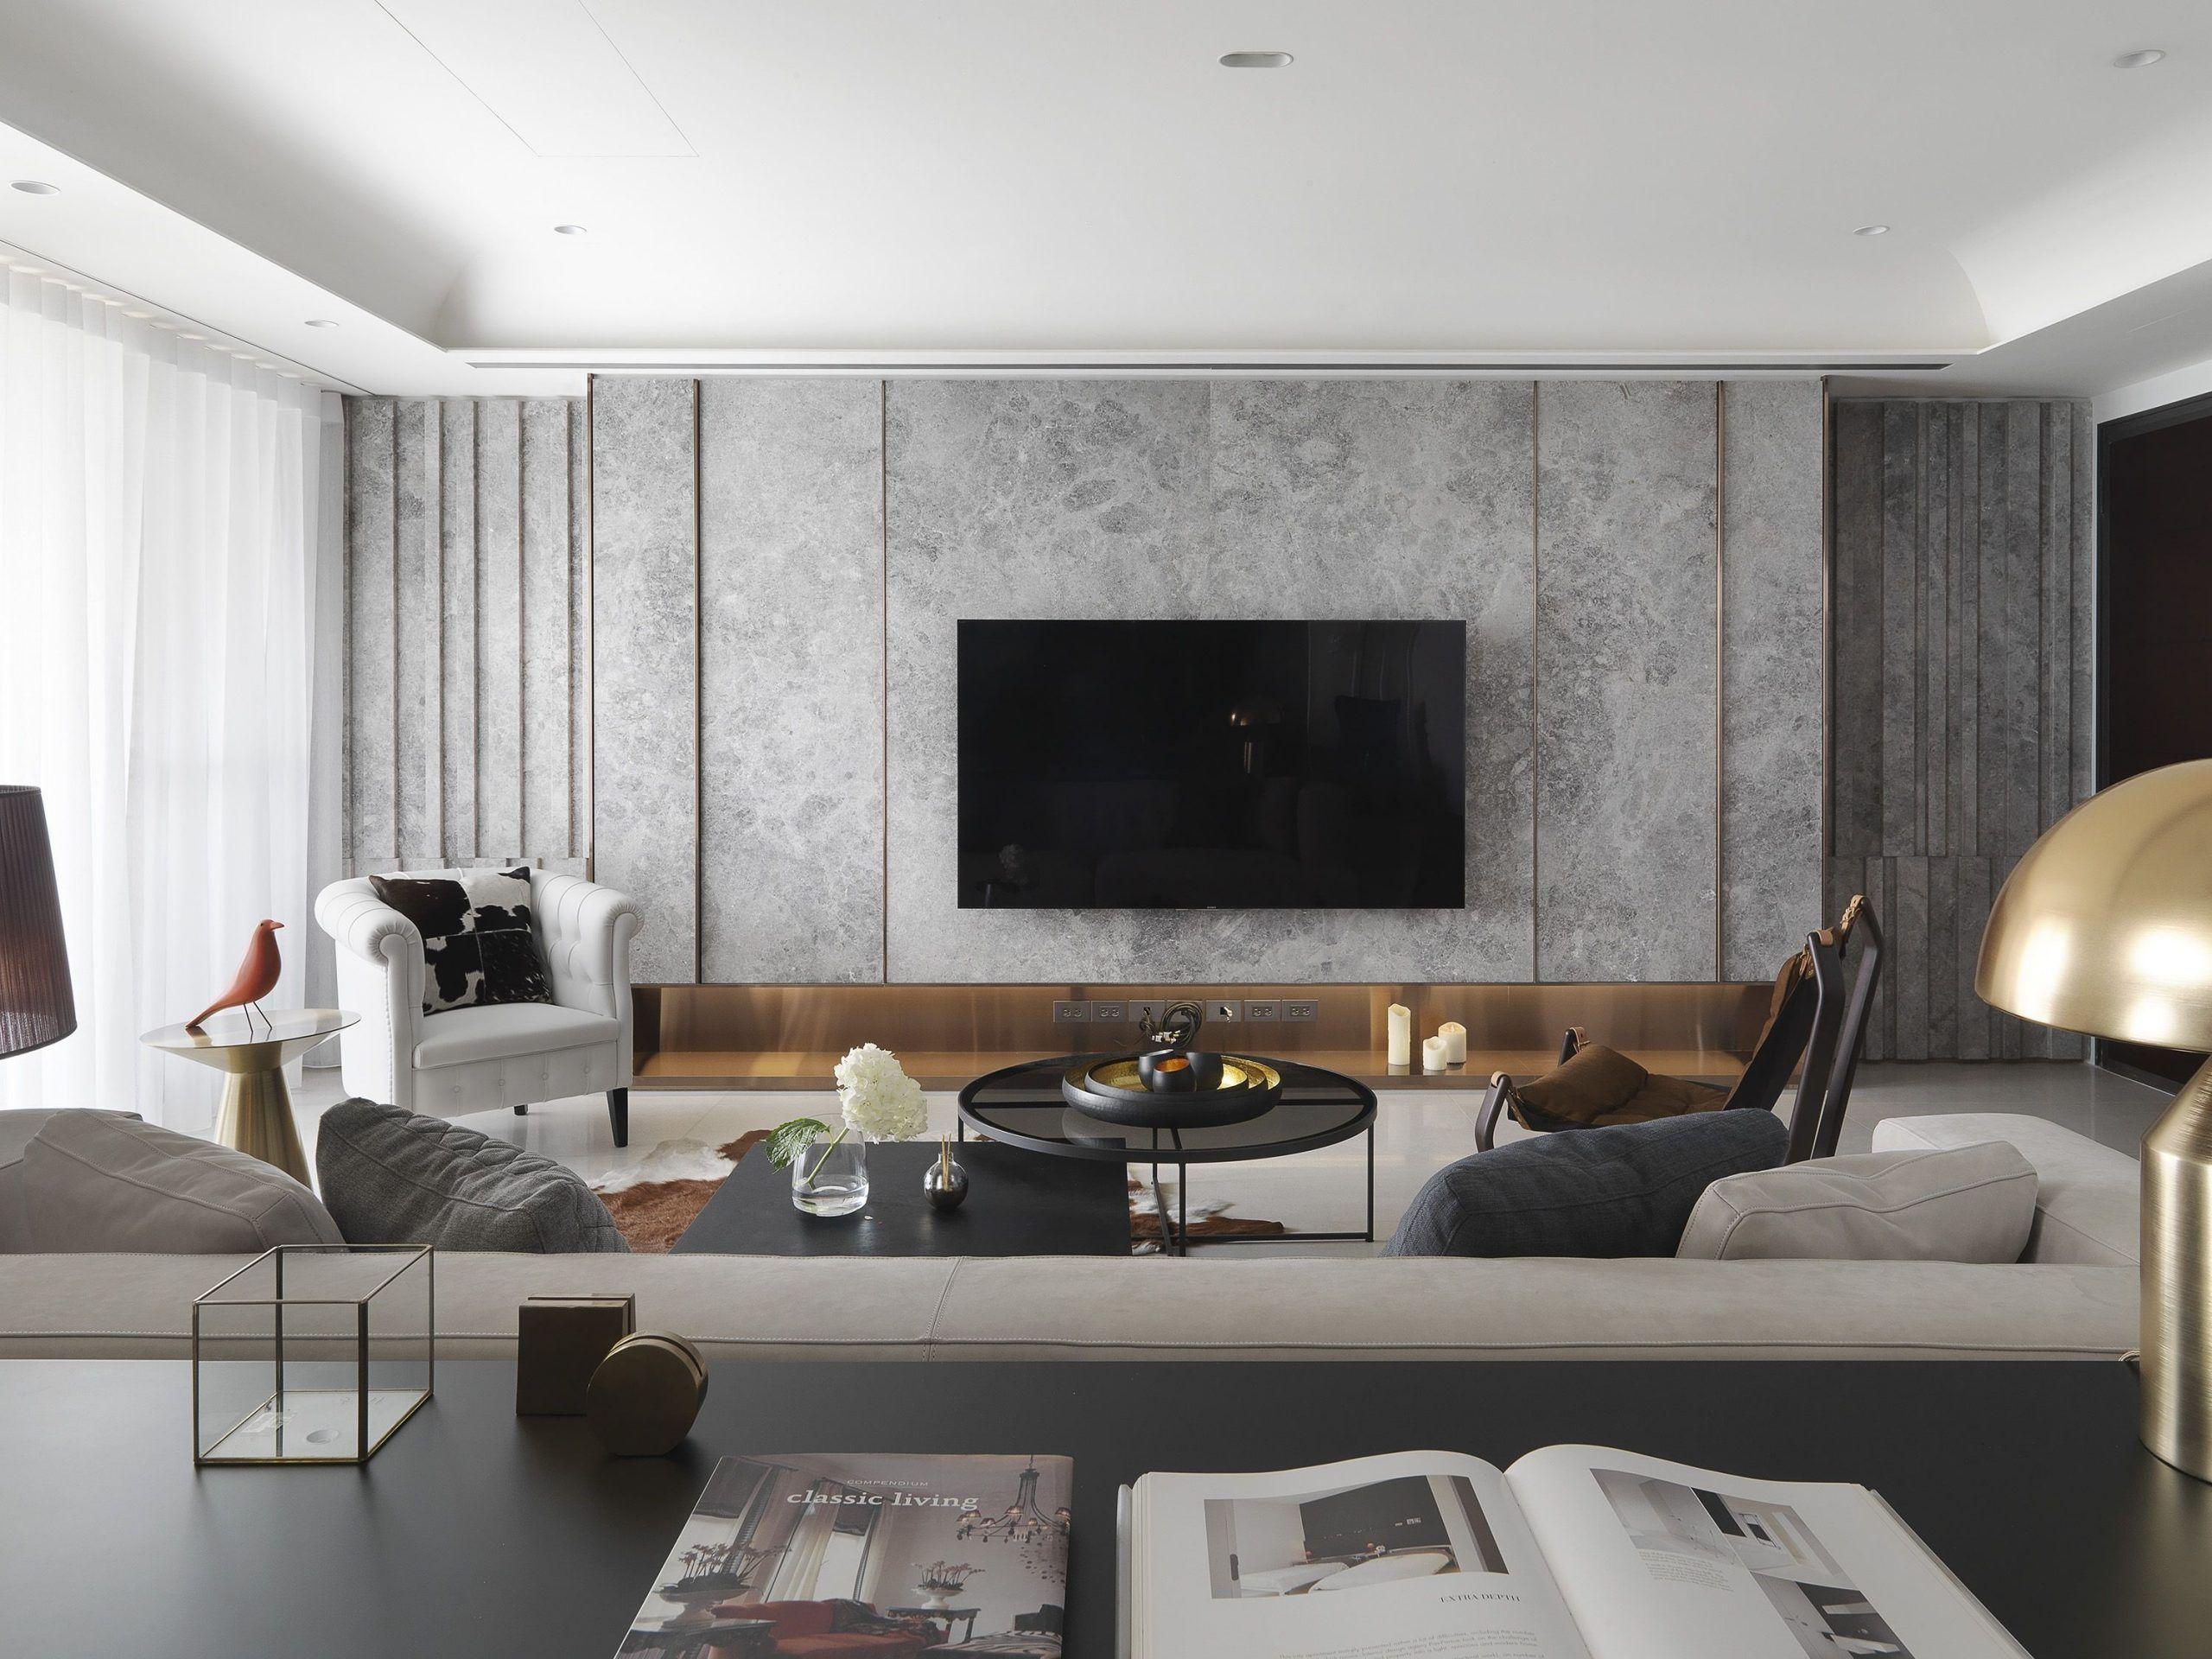 30 Interesting Home Design Ideas Uk Living Room Interior Interior Design Living Room Home Living Room